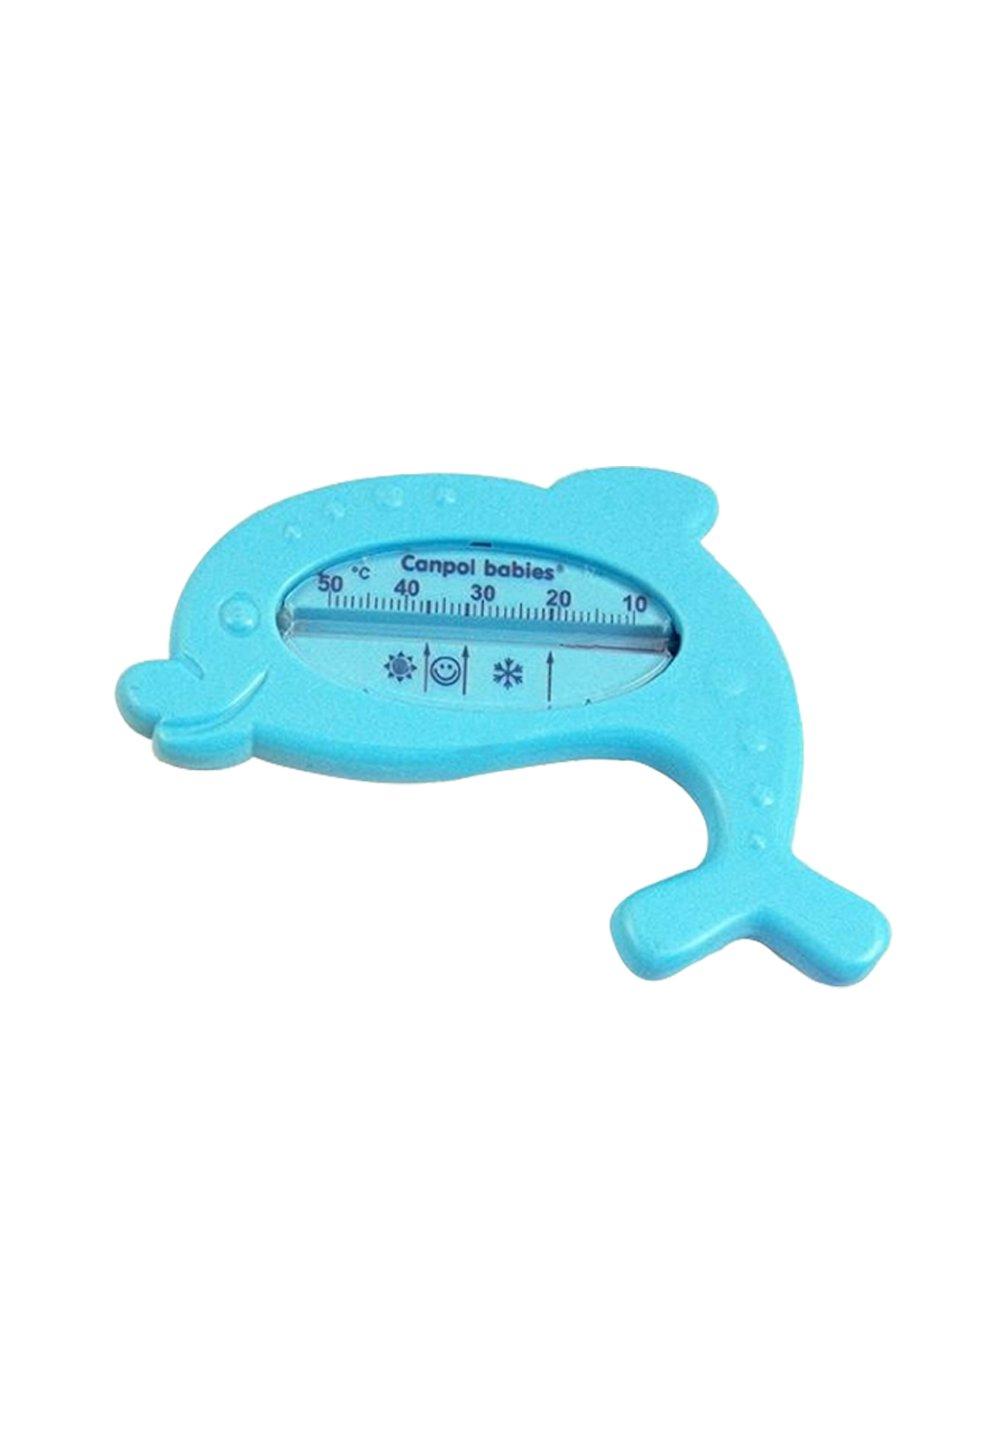 Termometru delfin, albastru imagine